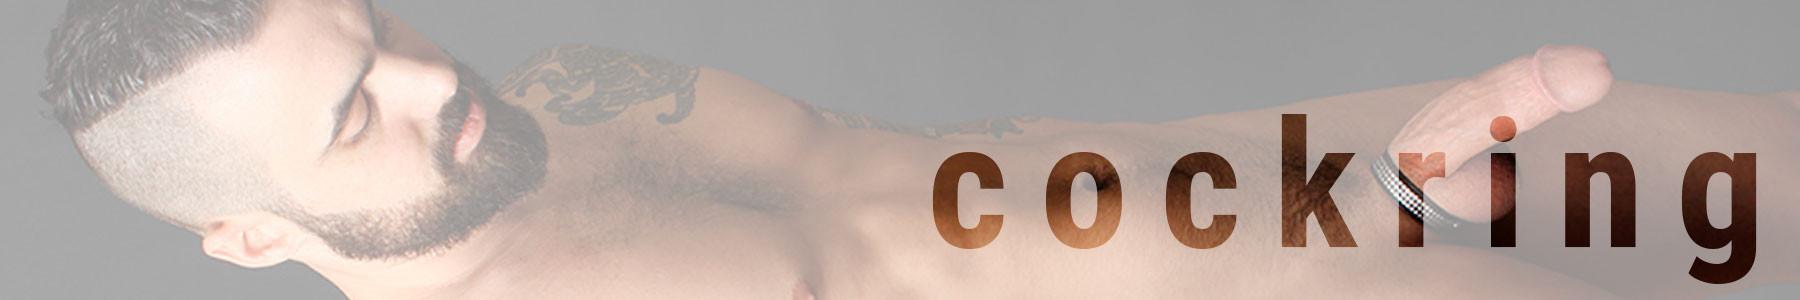 Cockring : Notre sélection d'anneaux pénis à petits prix - Livraison en 48h